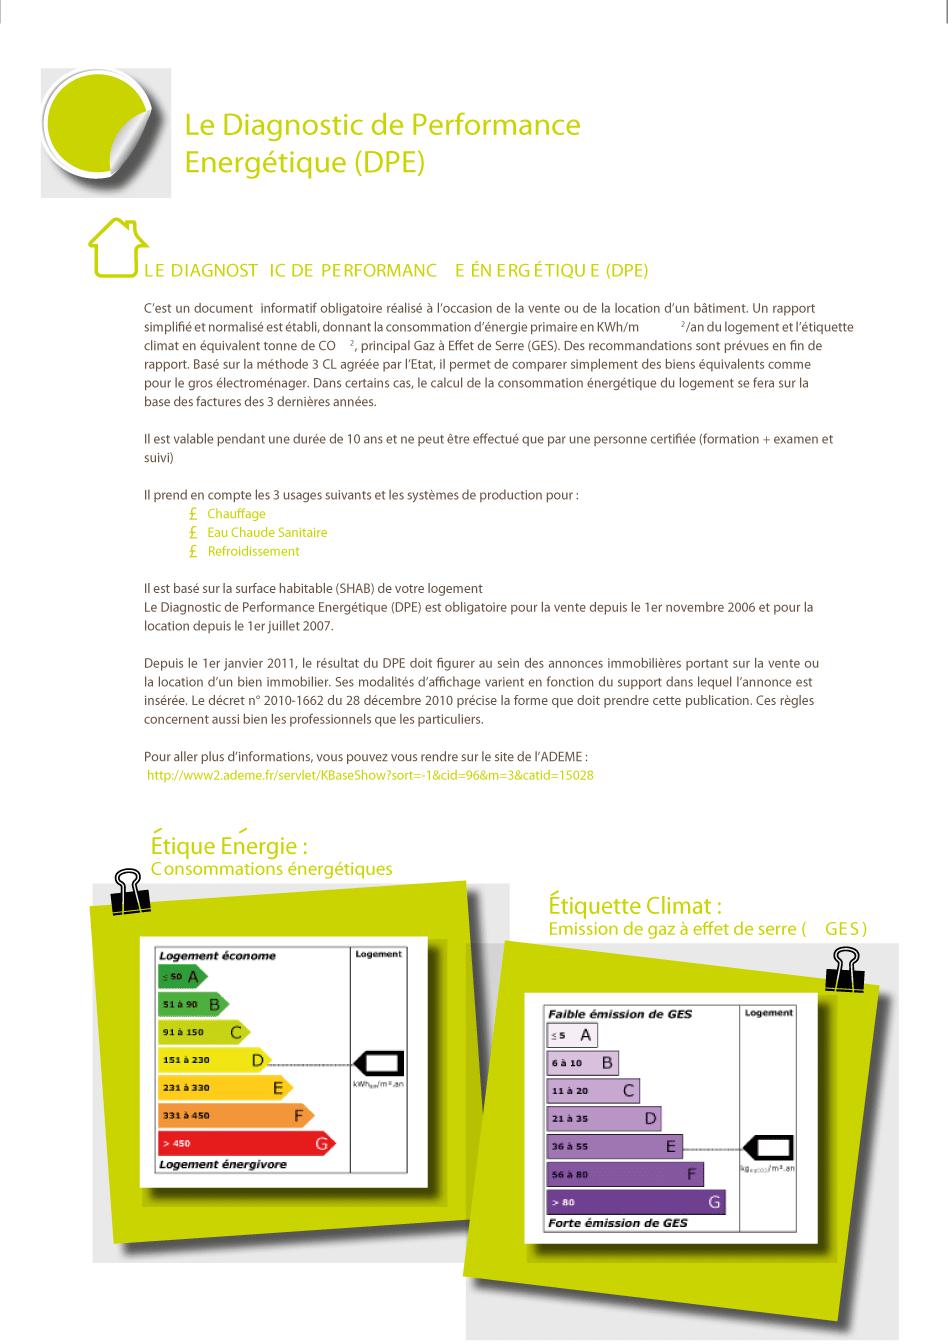 depuis le 1er janvier le dpe diagnostic performance nerg tique est obligatoire dans les. Black Bedroom Furniture Sets. Home Design Ideas